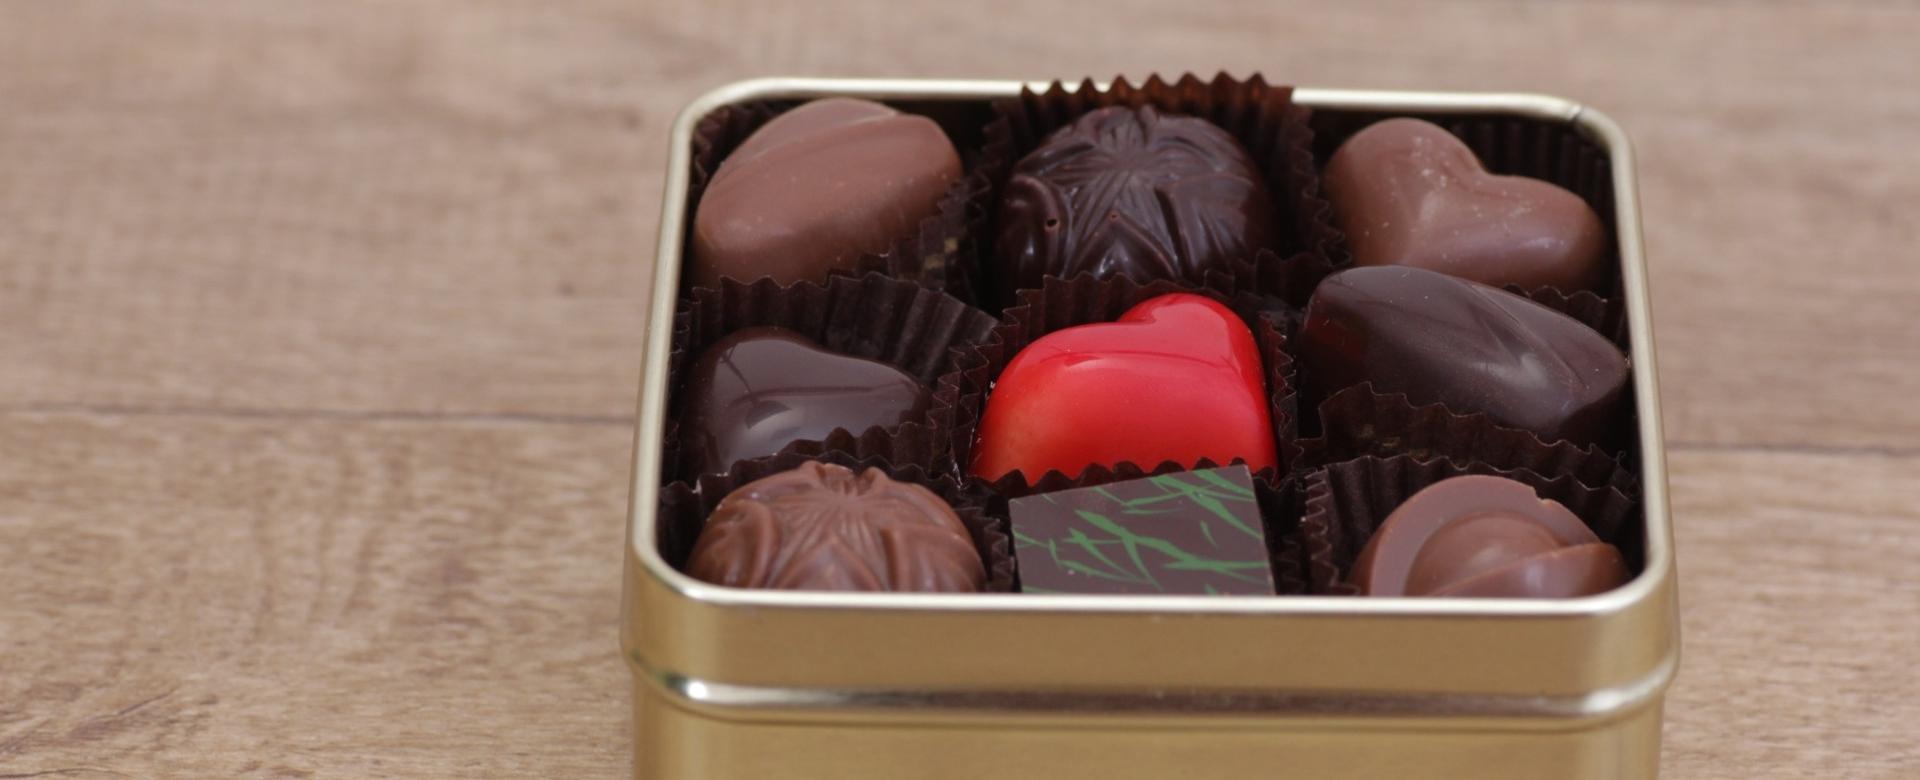 Ruční výroba pralinek a tabulkové čokolády